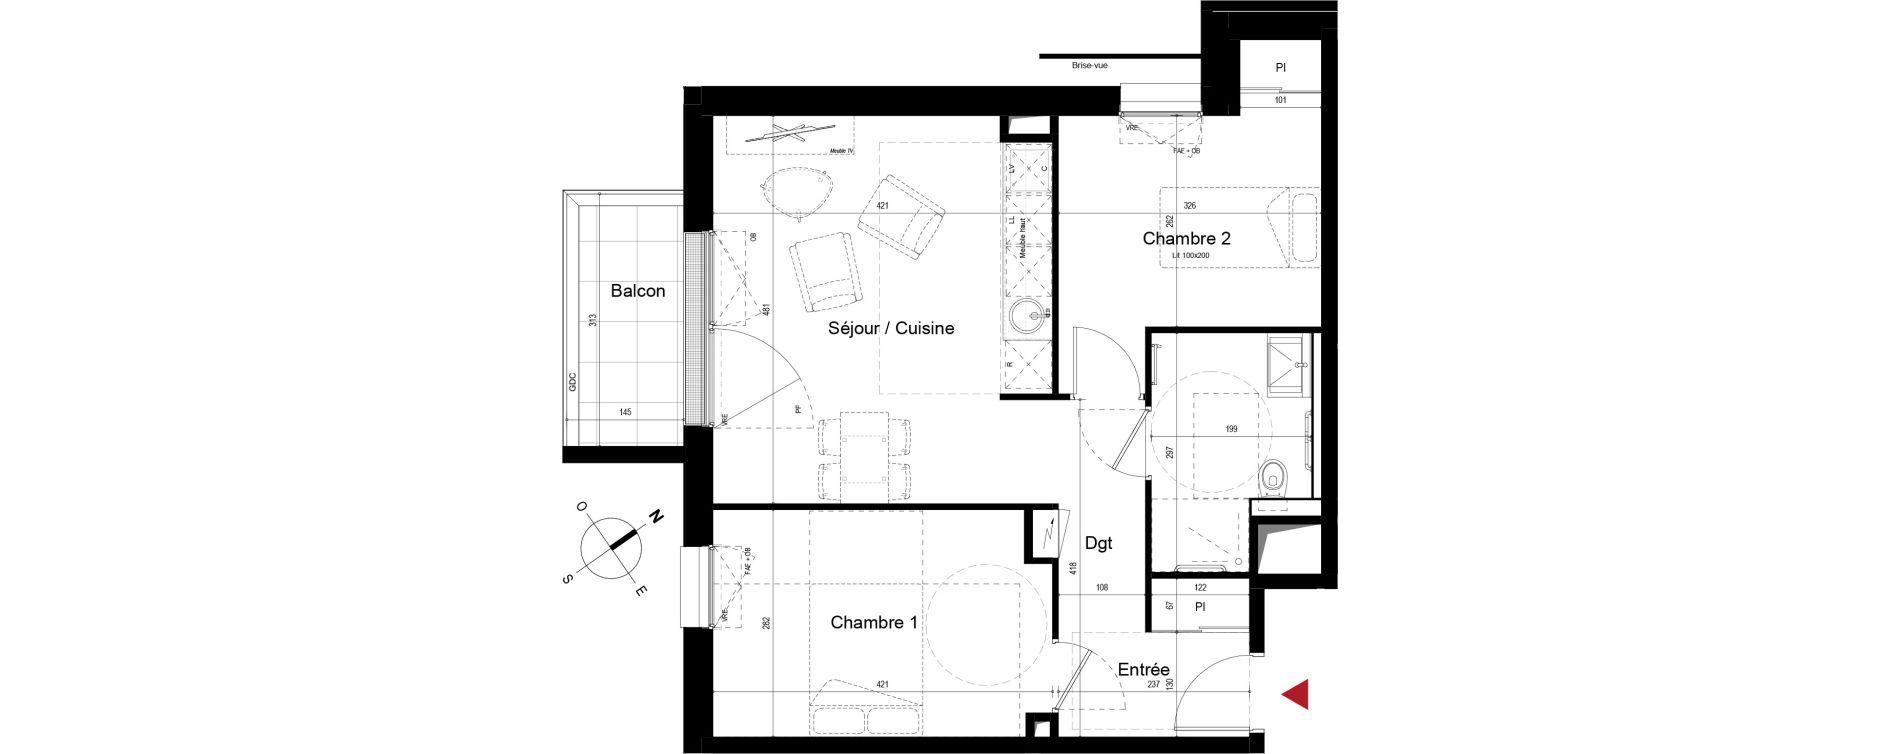 Appartement T3 meublé de 54,22 m2 à Royan Centre